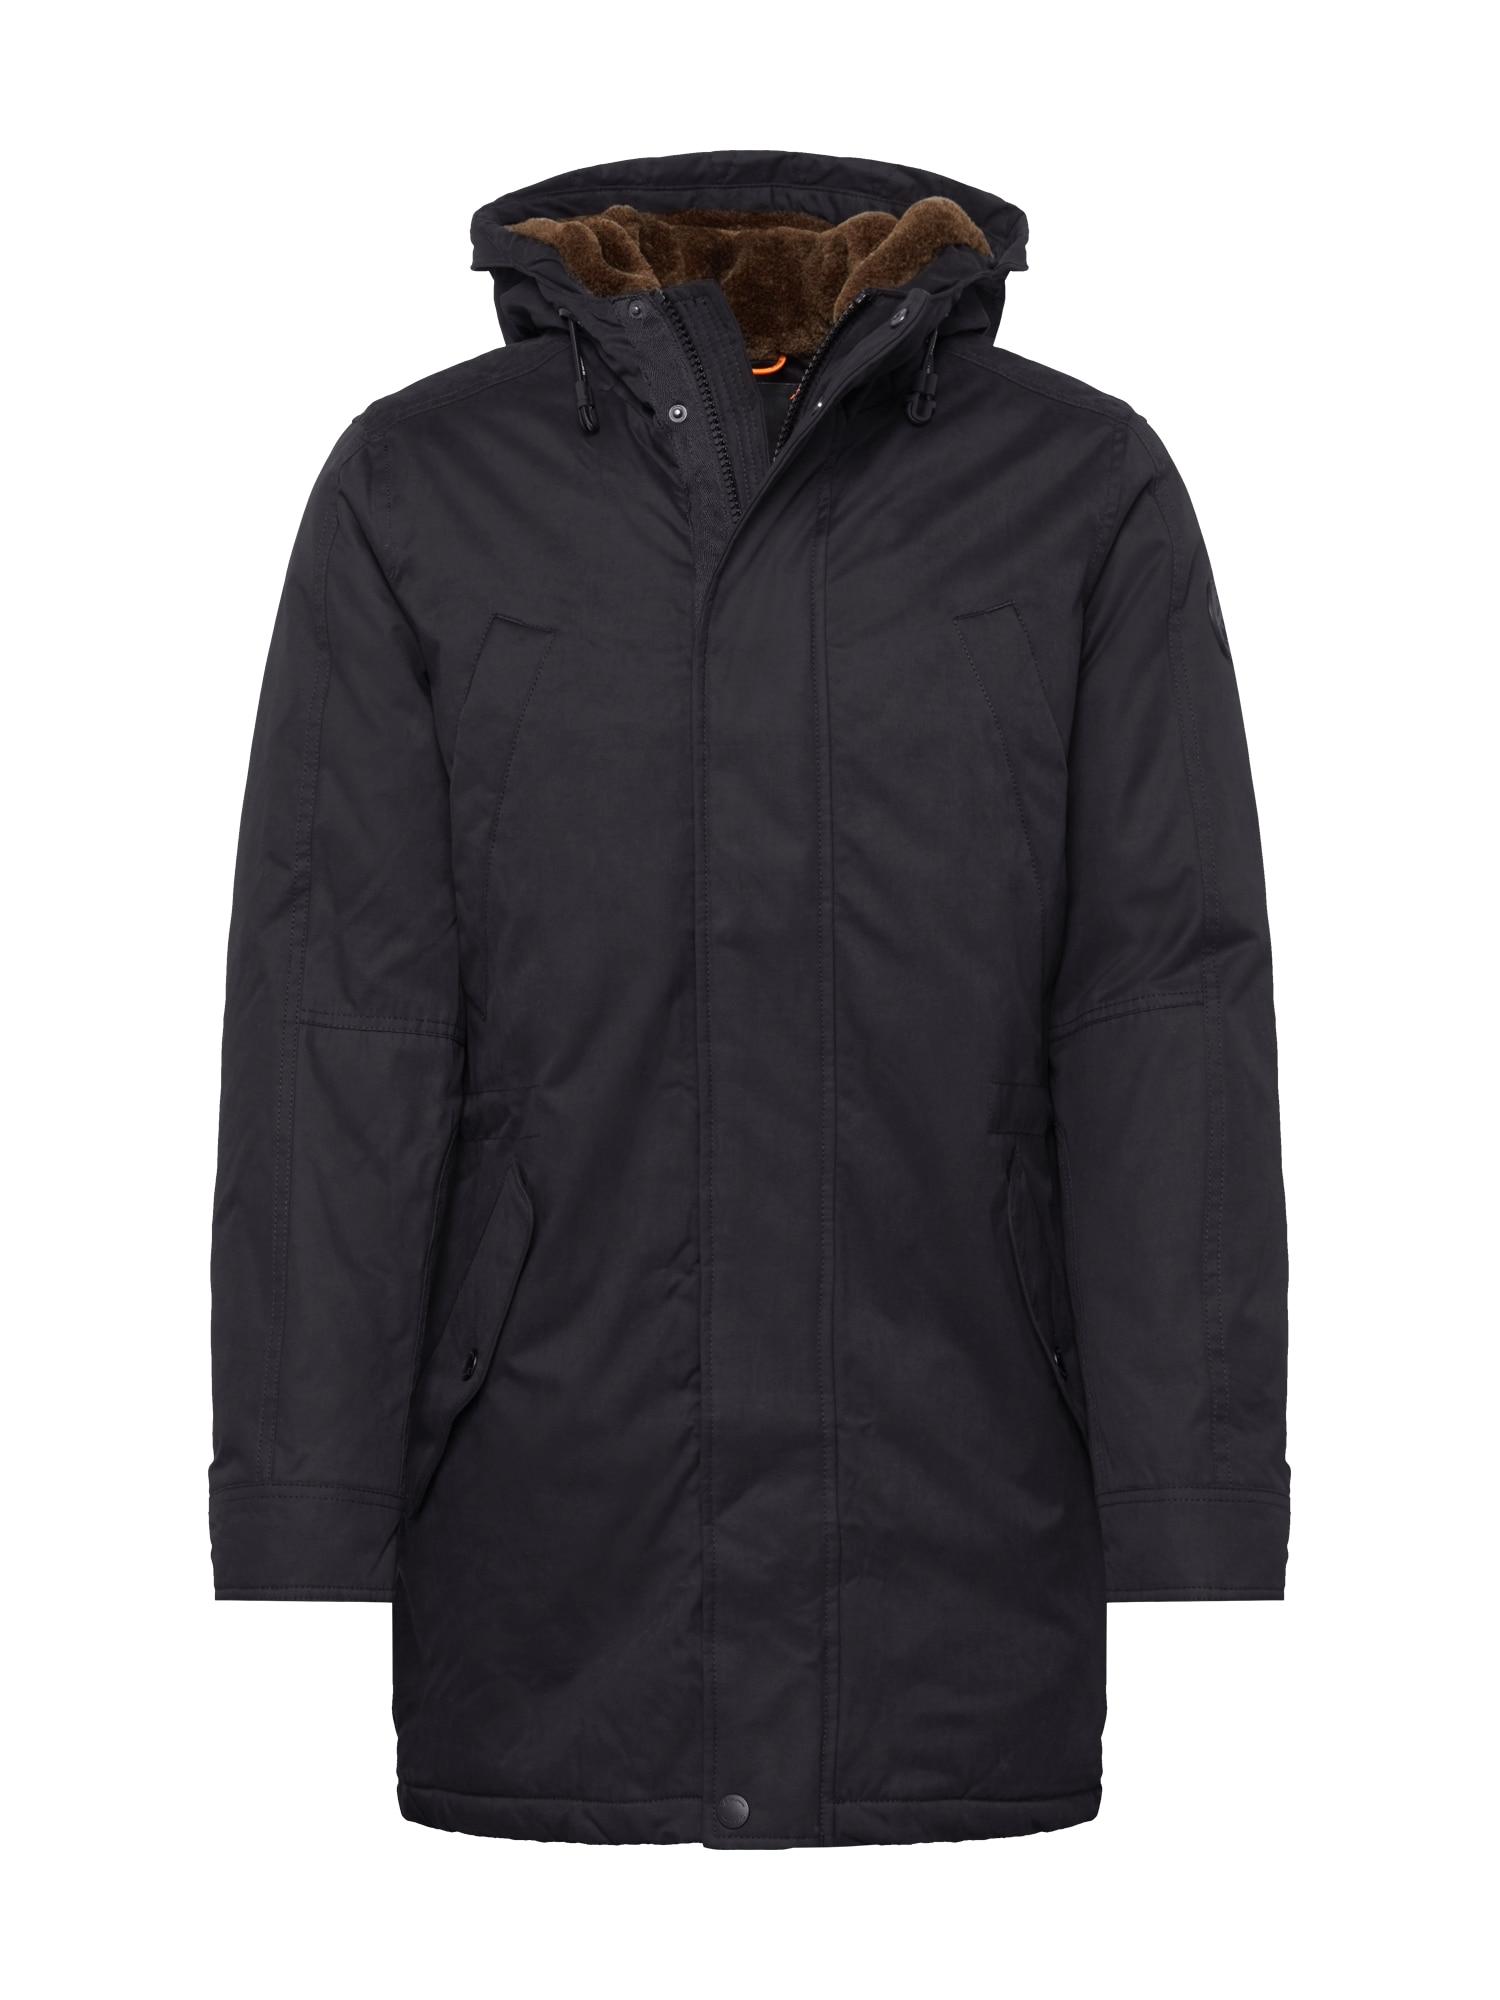 Q/S designed by Žieminis paltas juoda